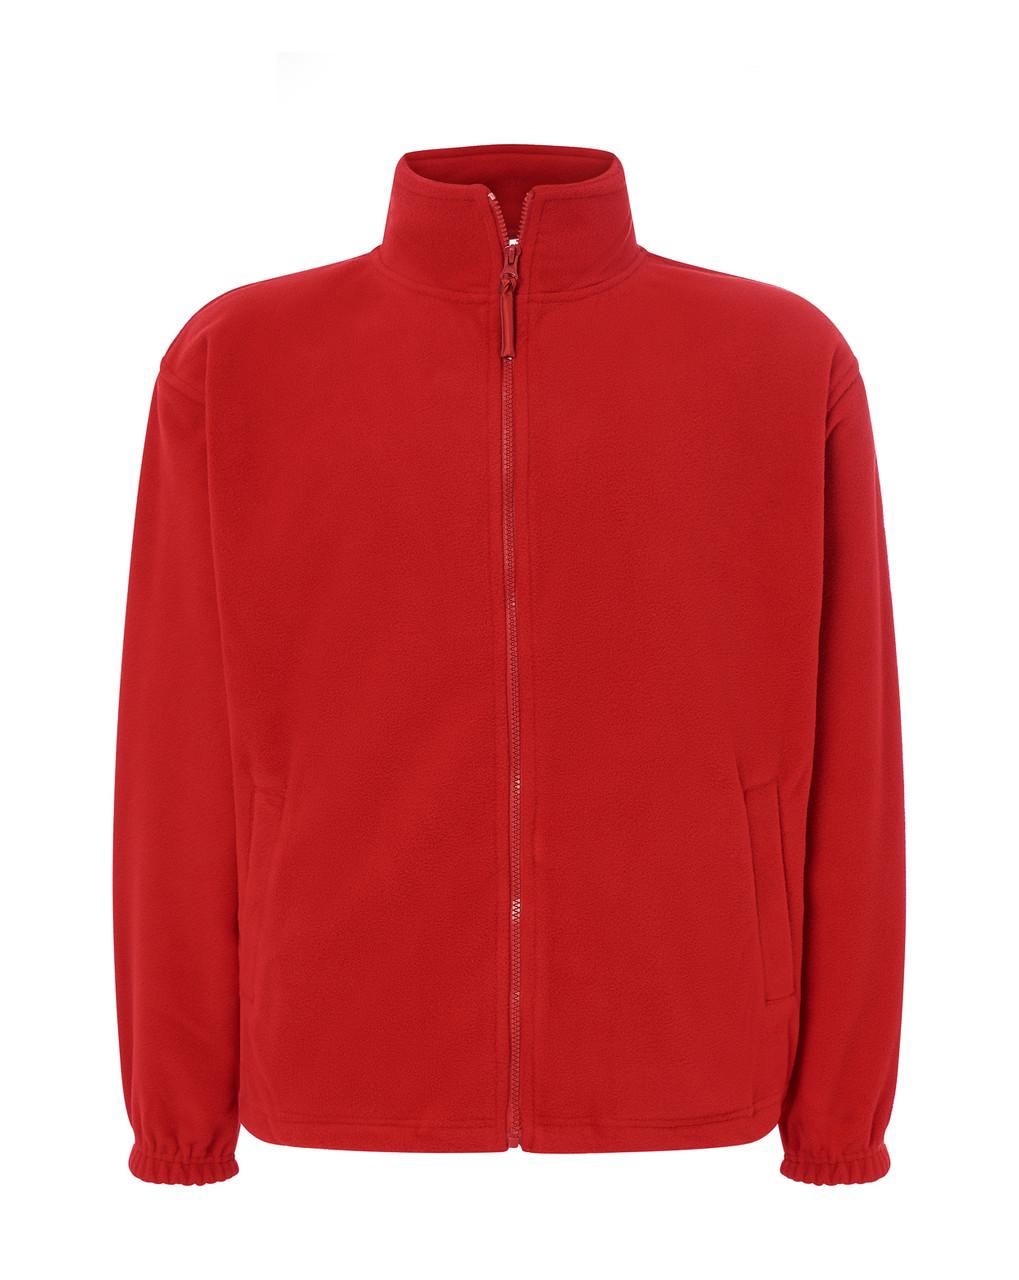 Мужская флисовая кофта JHK POLAR FLEECE MAN цвет красный S